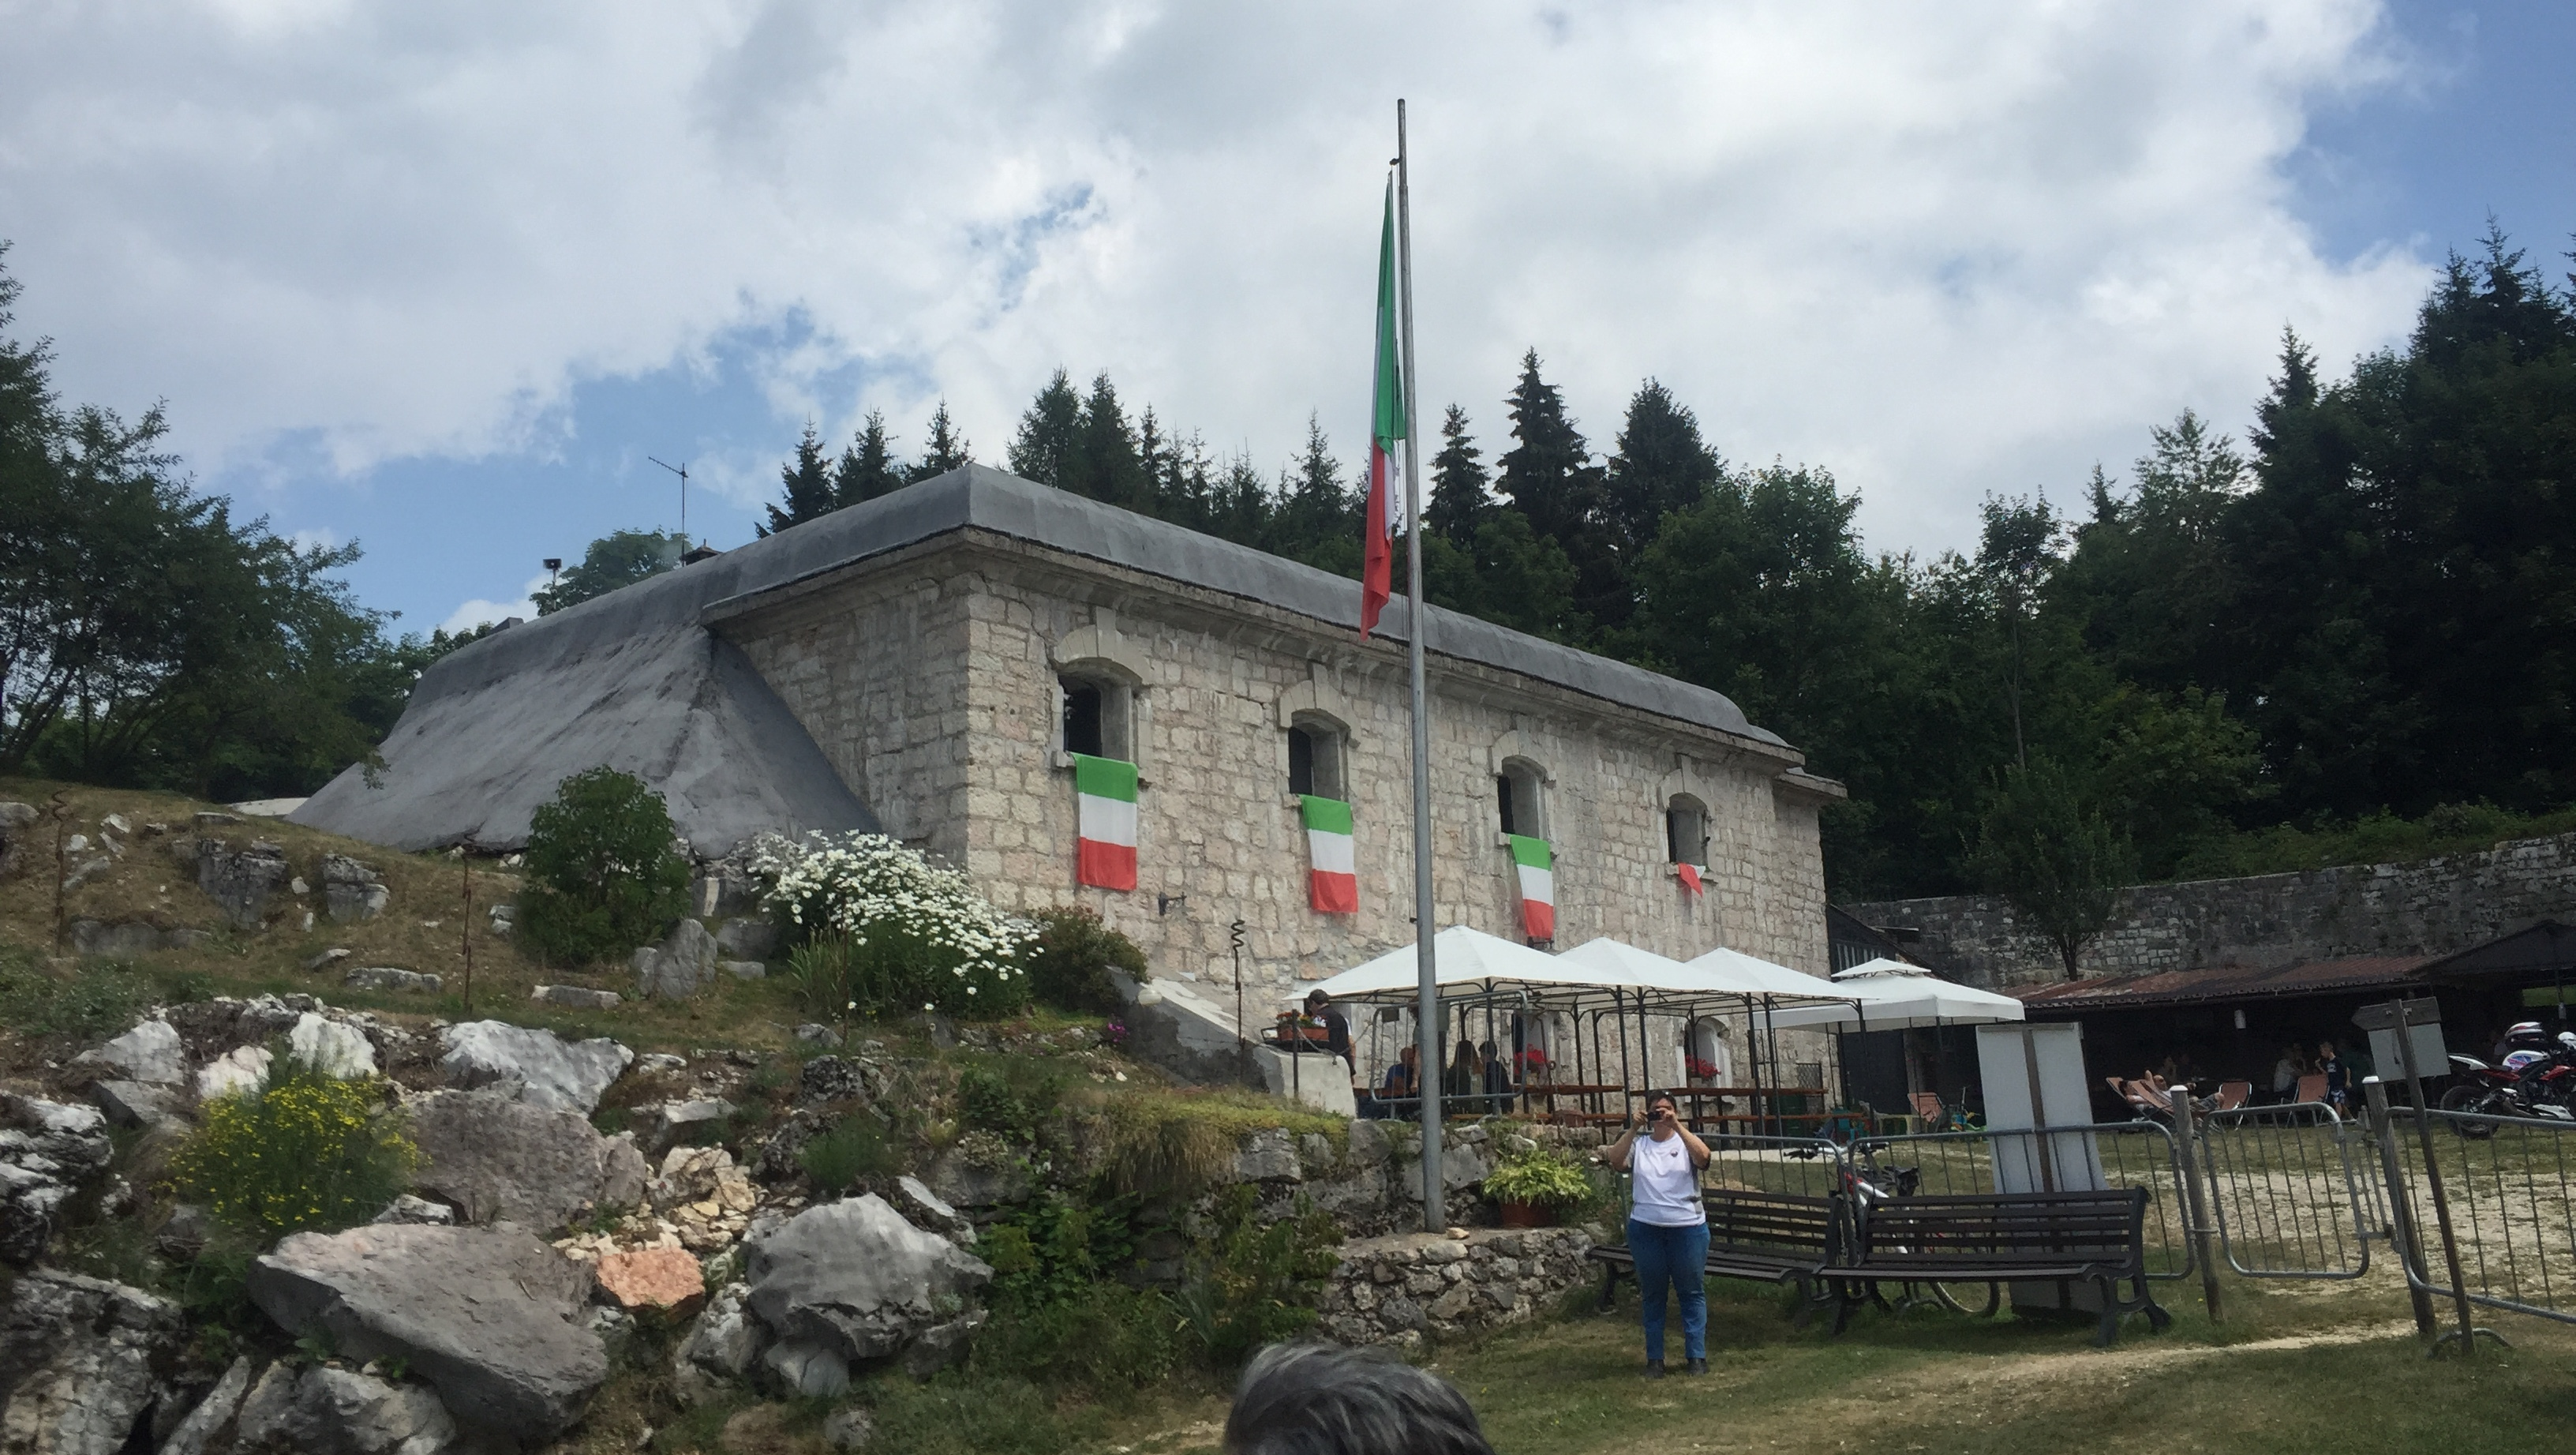 italiainpiega-evento-tour la grande guerra 2017-forte corbin 1